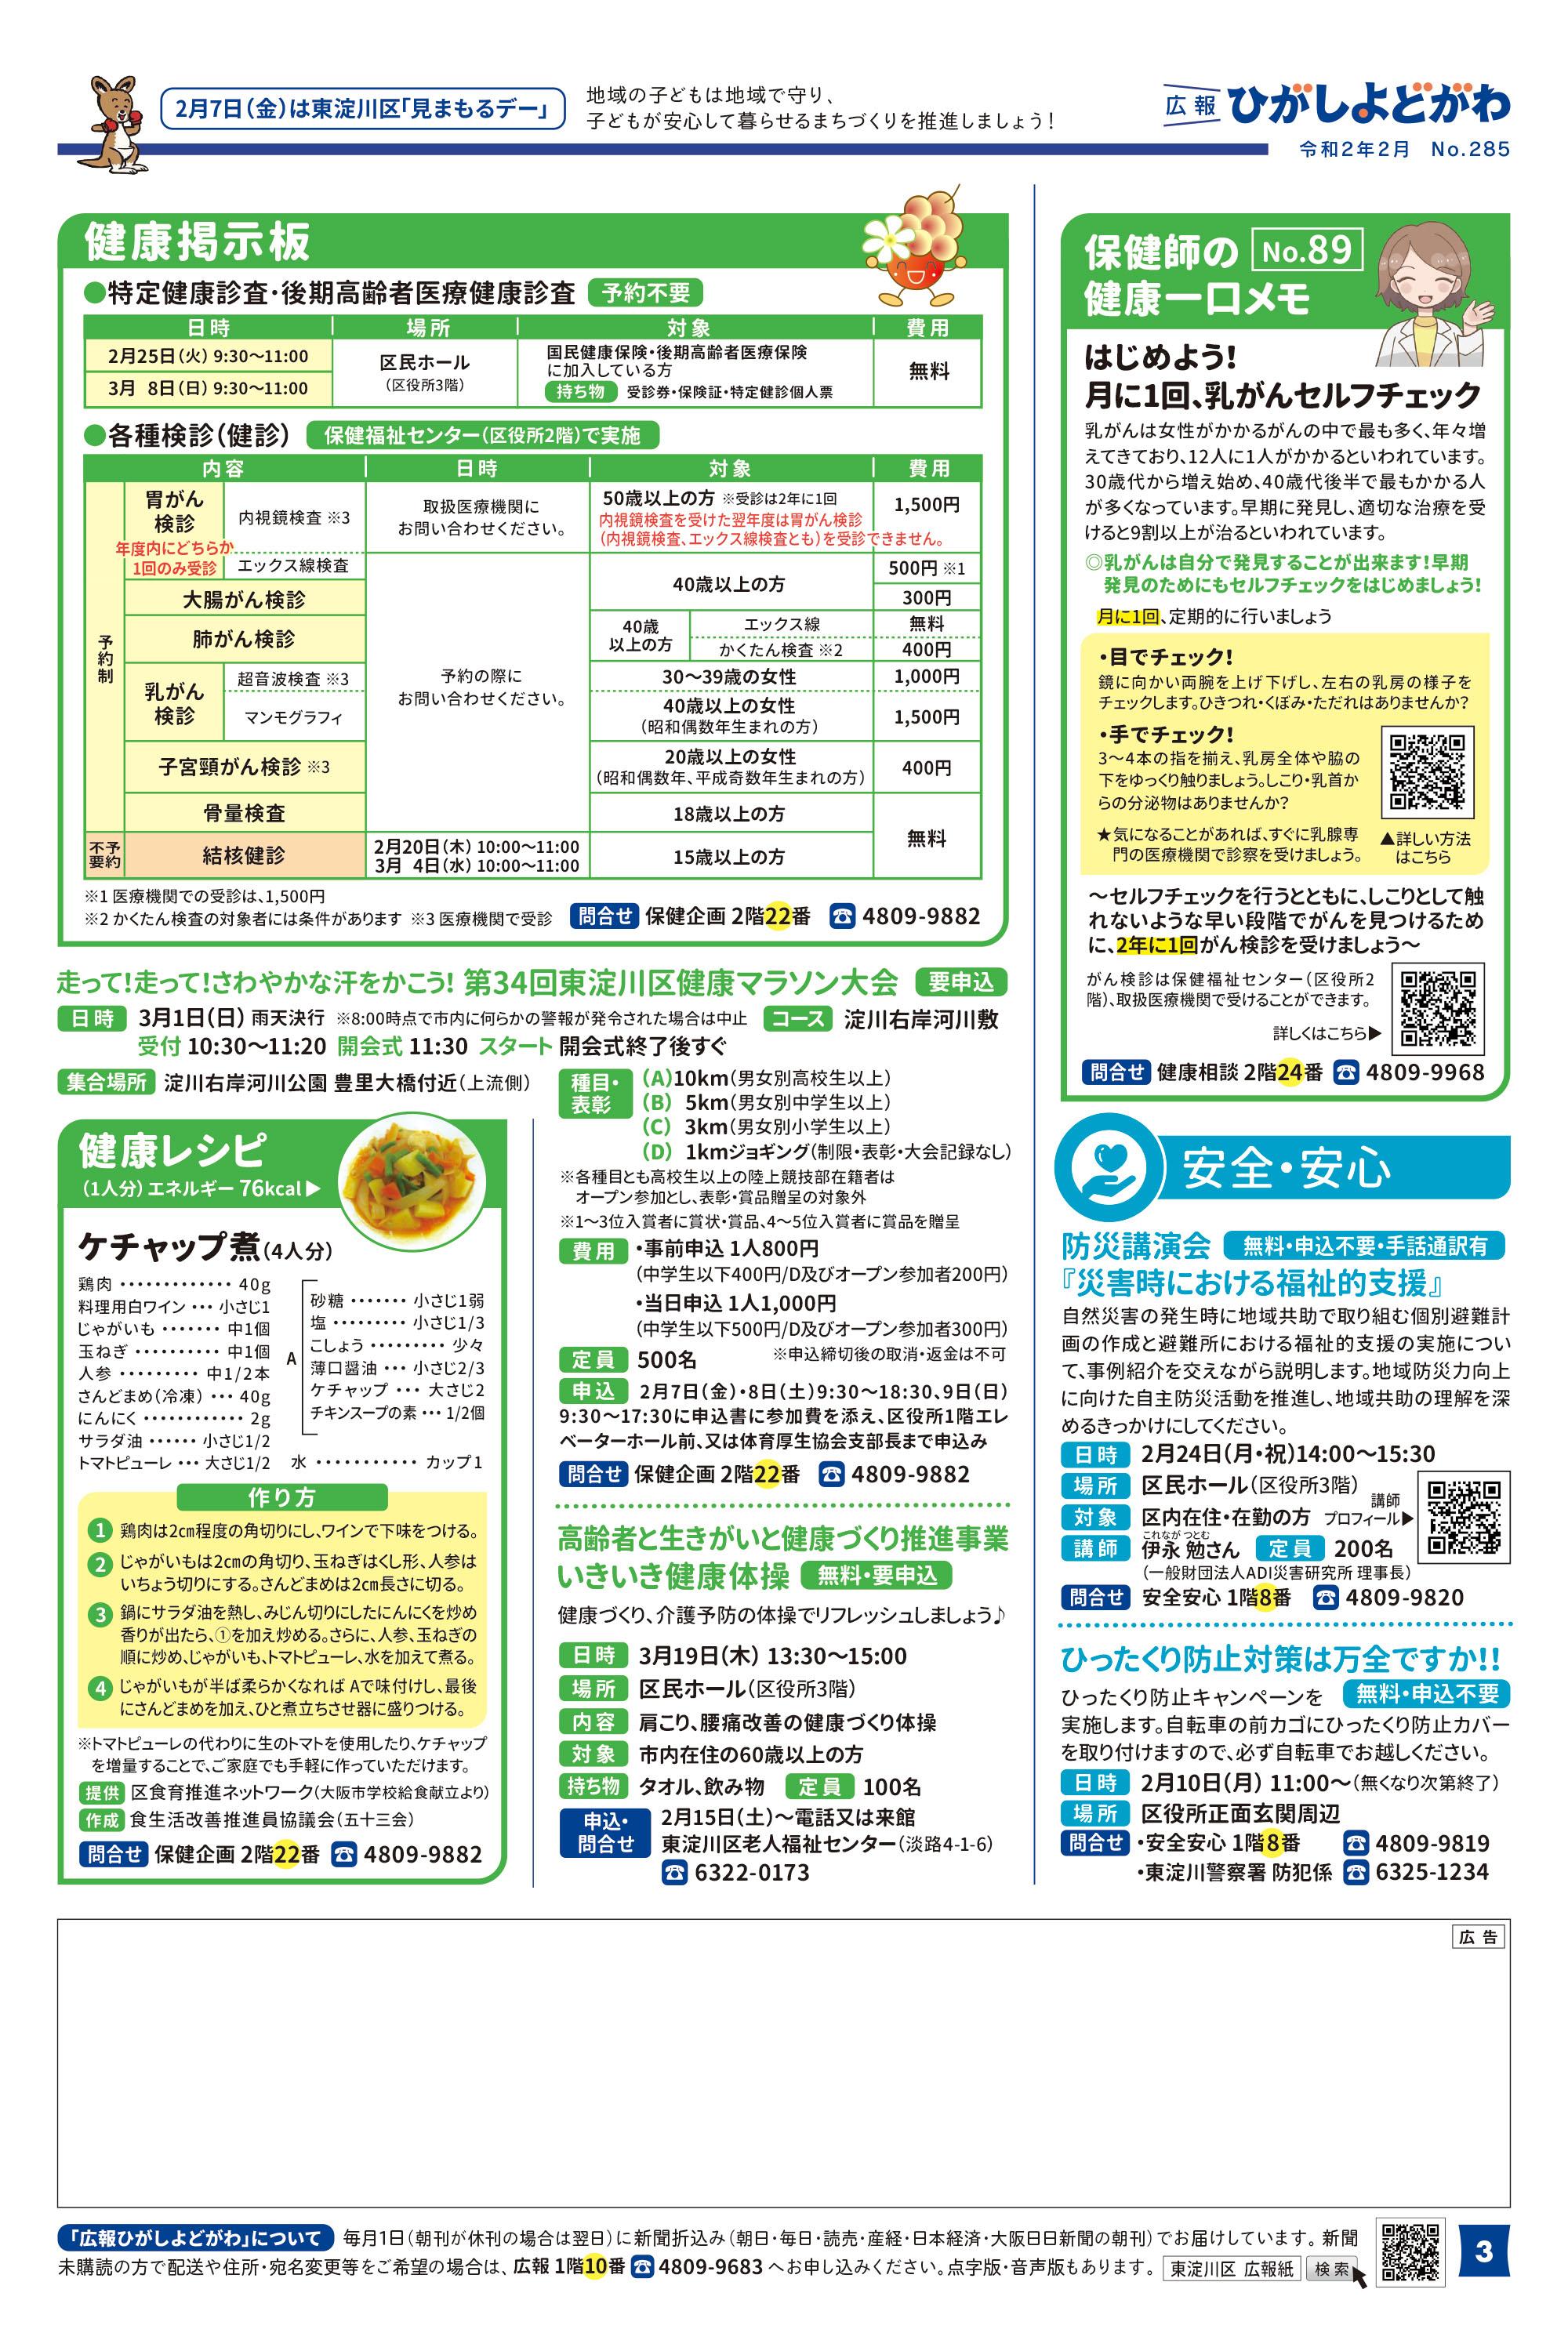 広報ひがしよどがわ2020年2月号|地域自立支援協議会(大阪市東淀川区)